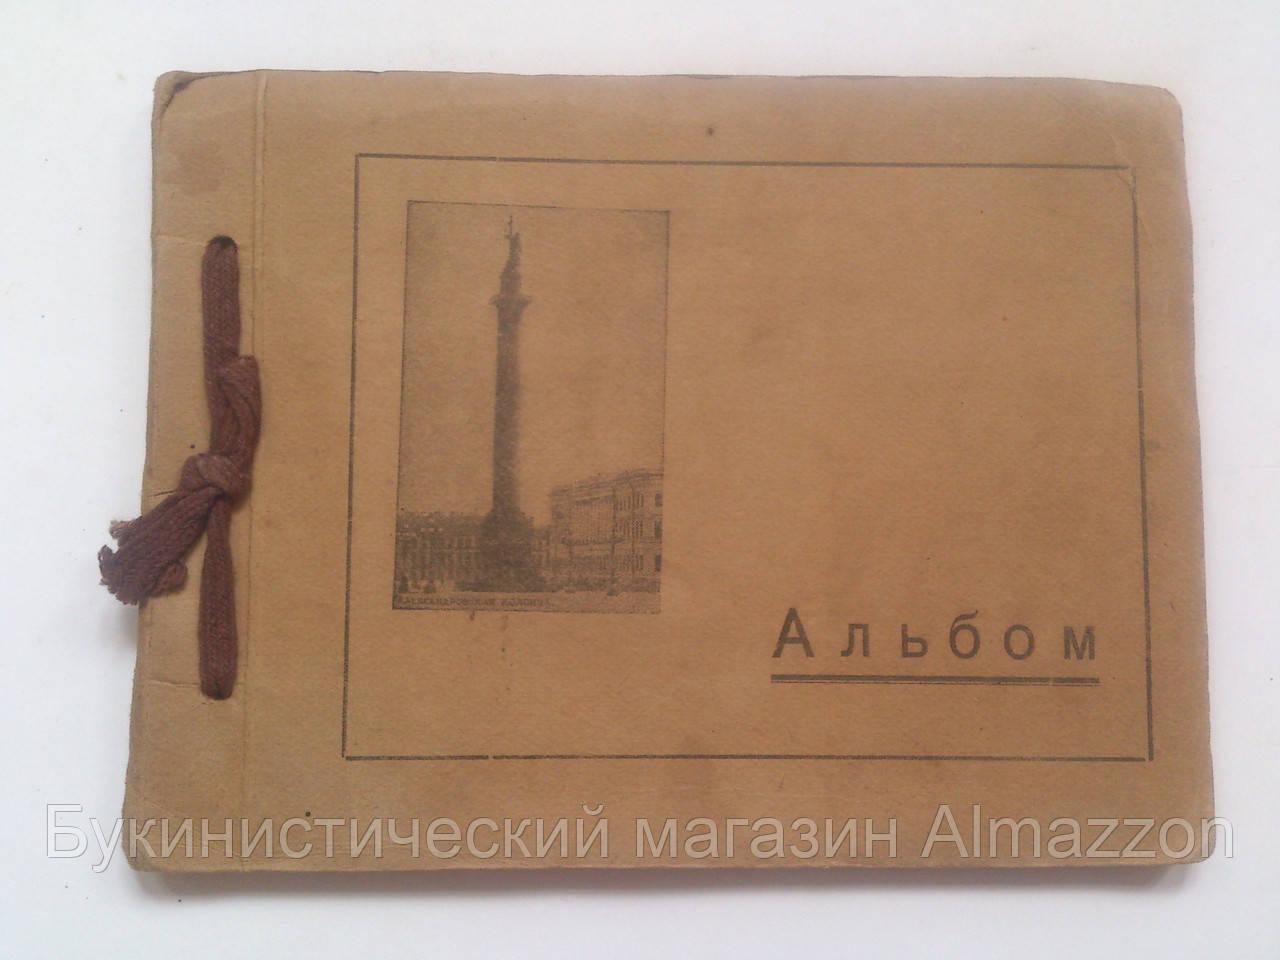 Альбом Фотоальбом 1951 год Ждановский промкомбинат